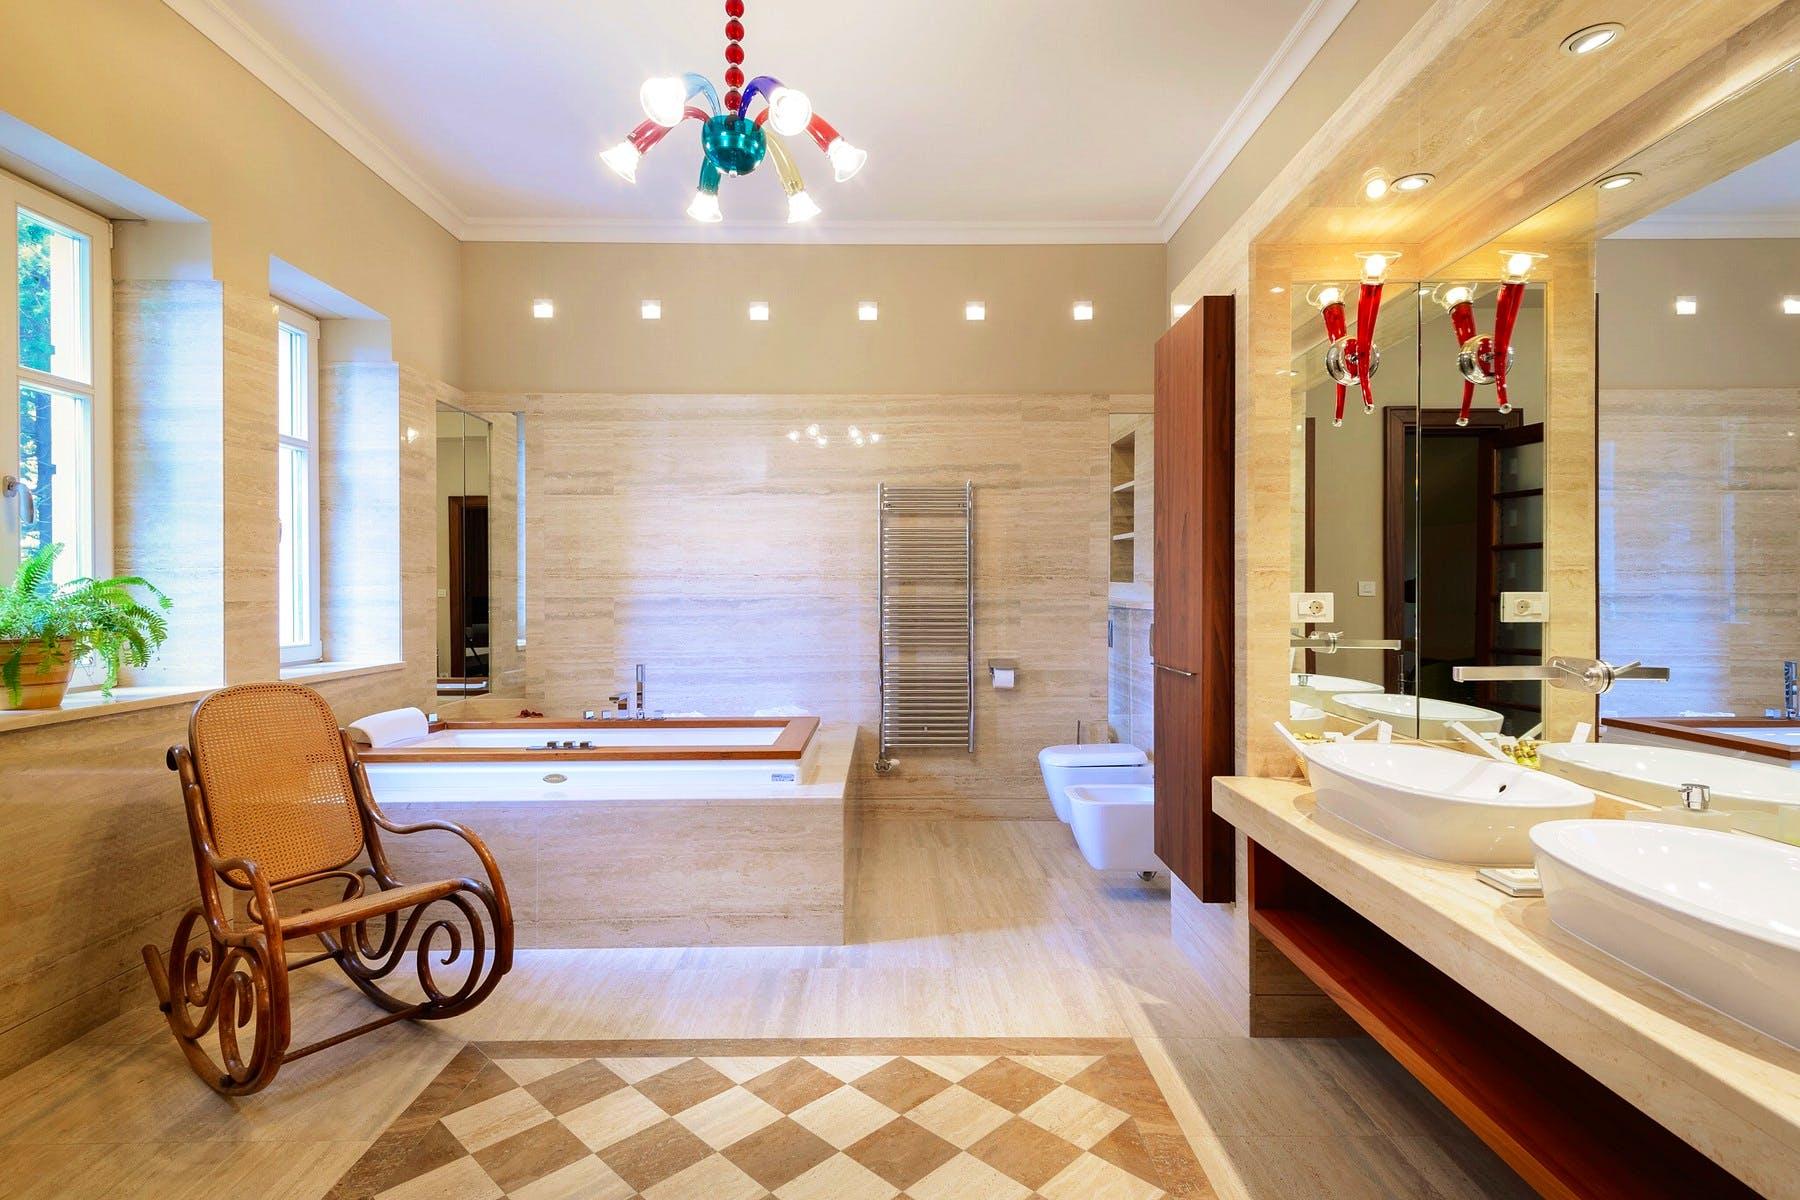 Izvanredna kupaonica u vili